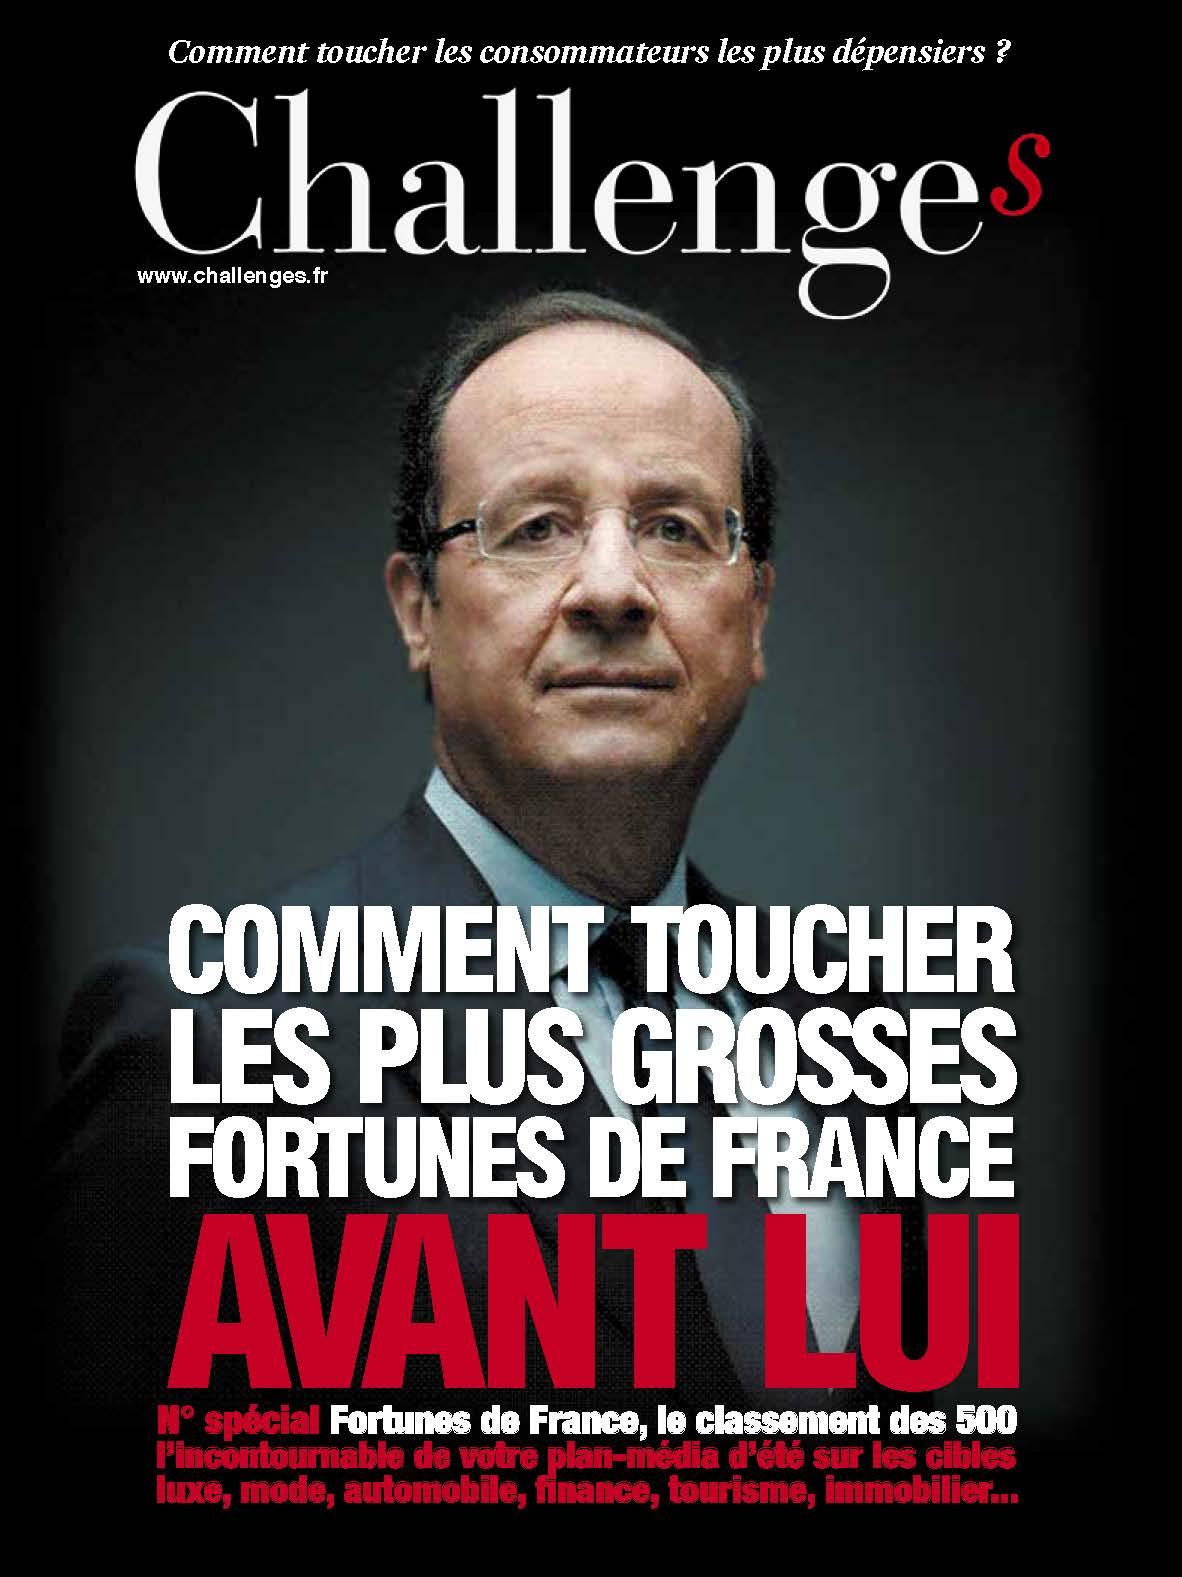 Hollande Challenges